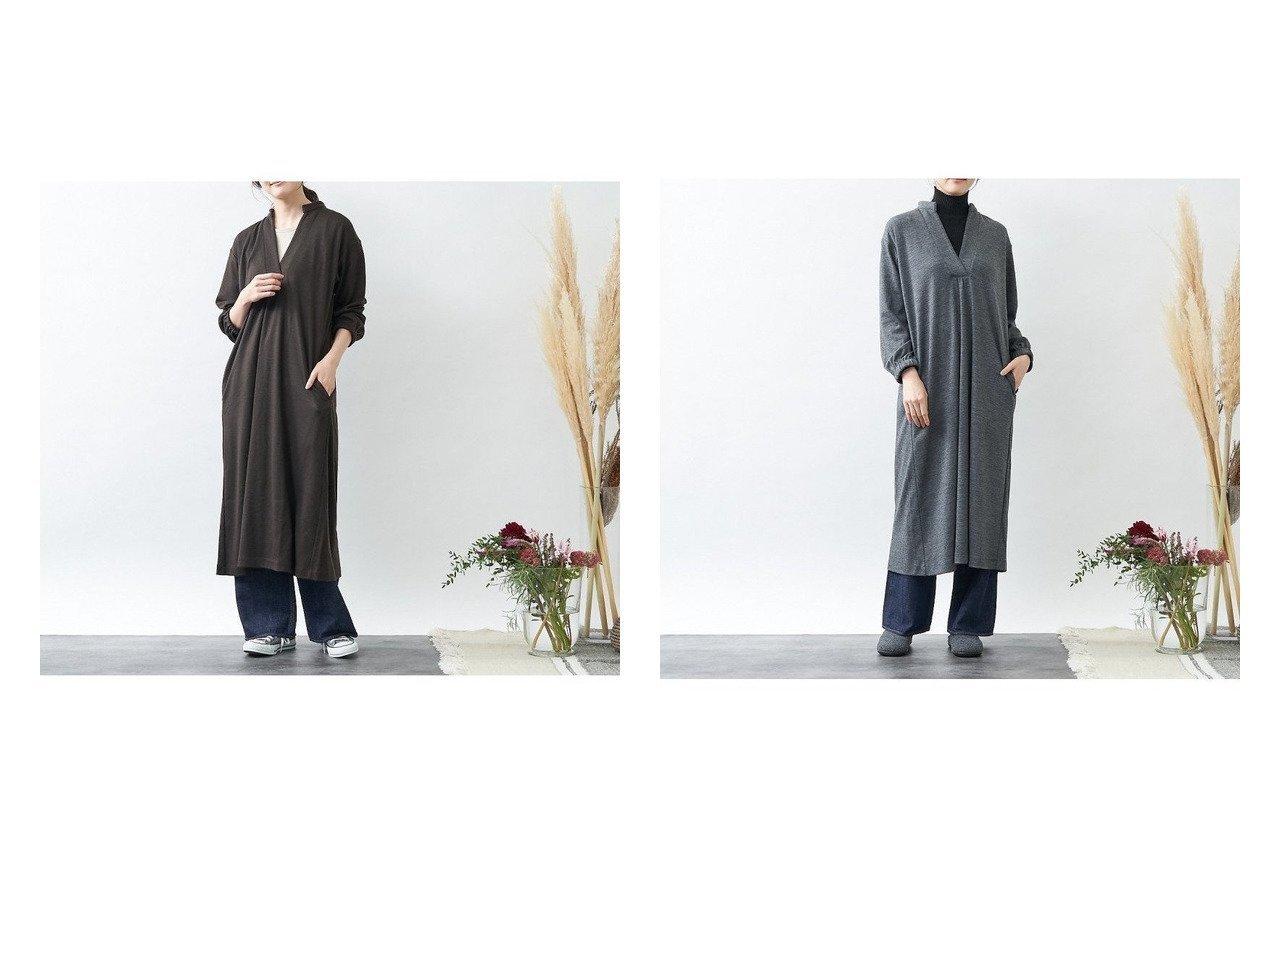 【collex/コレックス】のウール天竺ロングワンピース ワンピース・ドレスのおすすめ!人気、レディースファッションの通販  おすすめで人気のファッション通販商品 インテリア・家具・キッズファッション・メンズファッション・レディースファッション・服の通販 founy(ファニー) https://founy.com/ ファッション Fashion レディース WOMEN トップス Tops Tshirt シャツ/ブラウス Shirts Blouses ワンピース Dress シャツワンピース Shirt Dresses インナー カットソー タンク リラックス ロング |ID:crp329100000004320